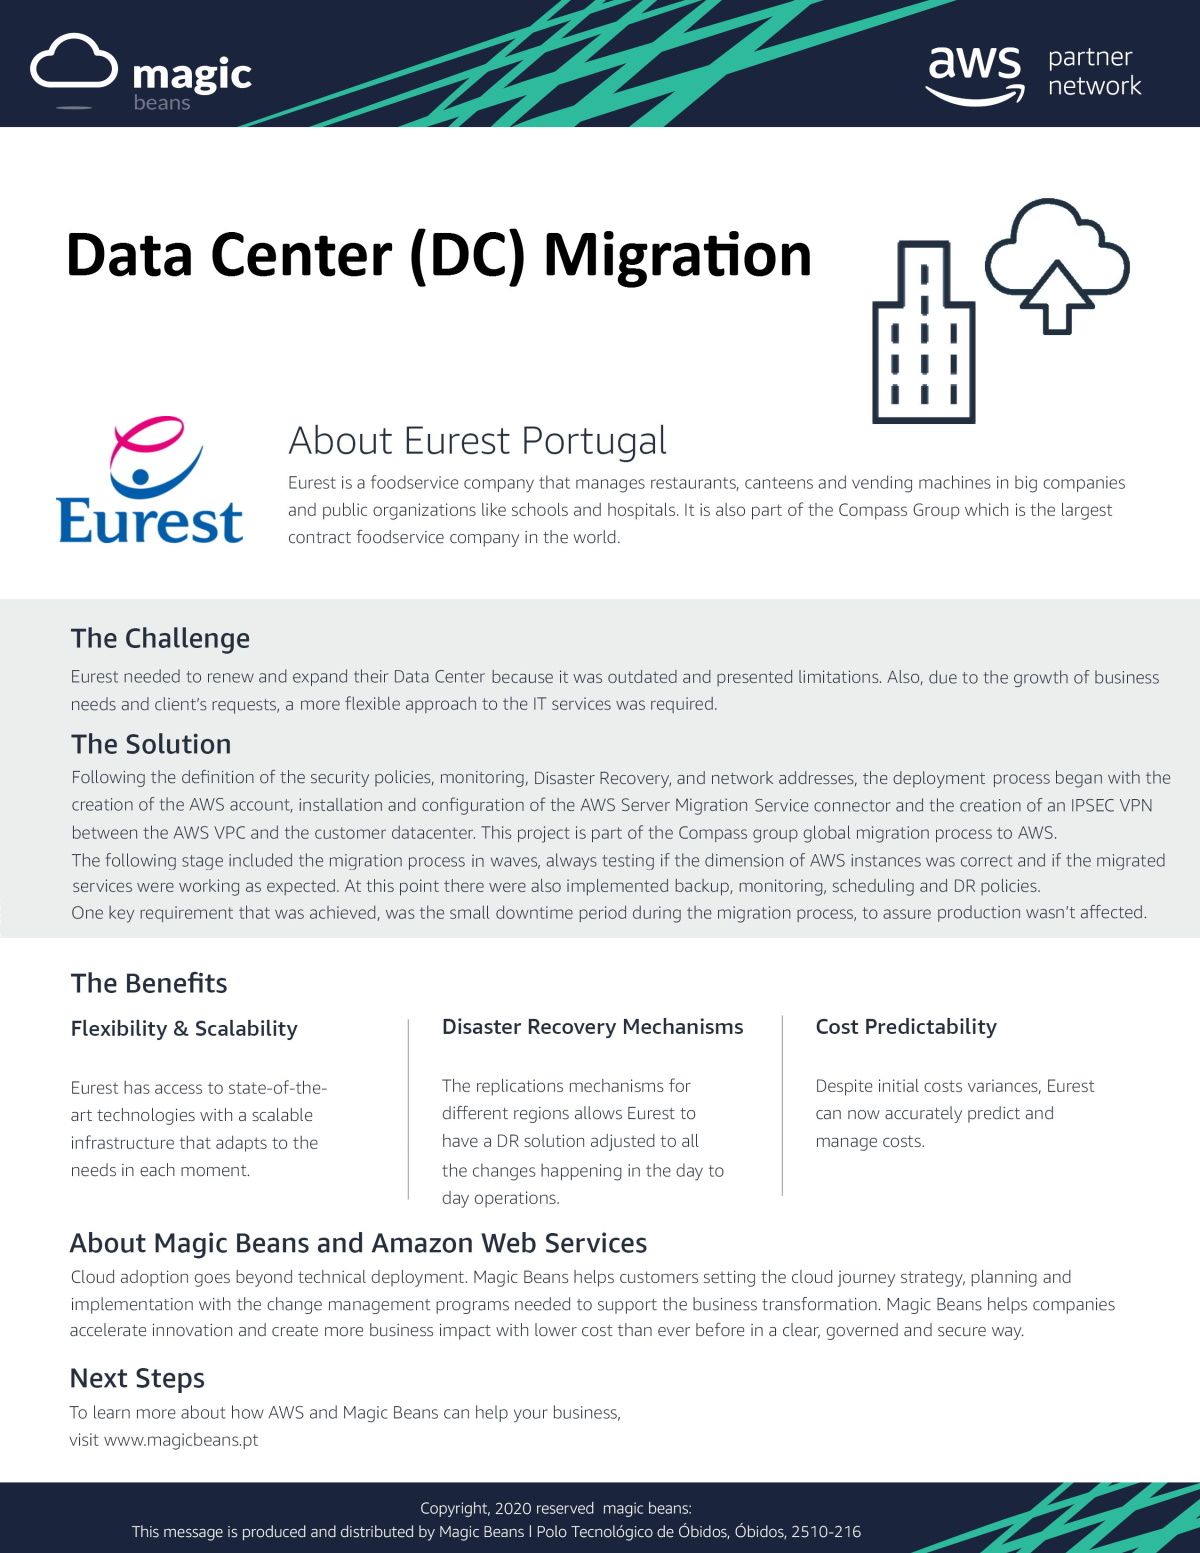 Case Study Eurest (ENG) - DC Migration website